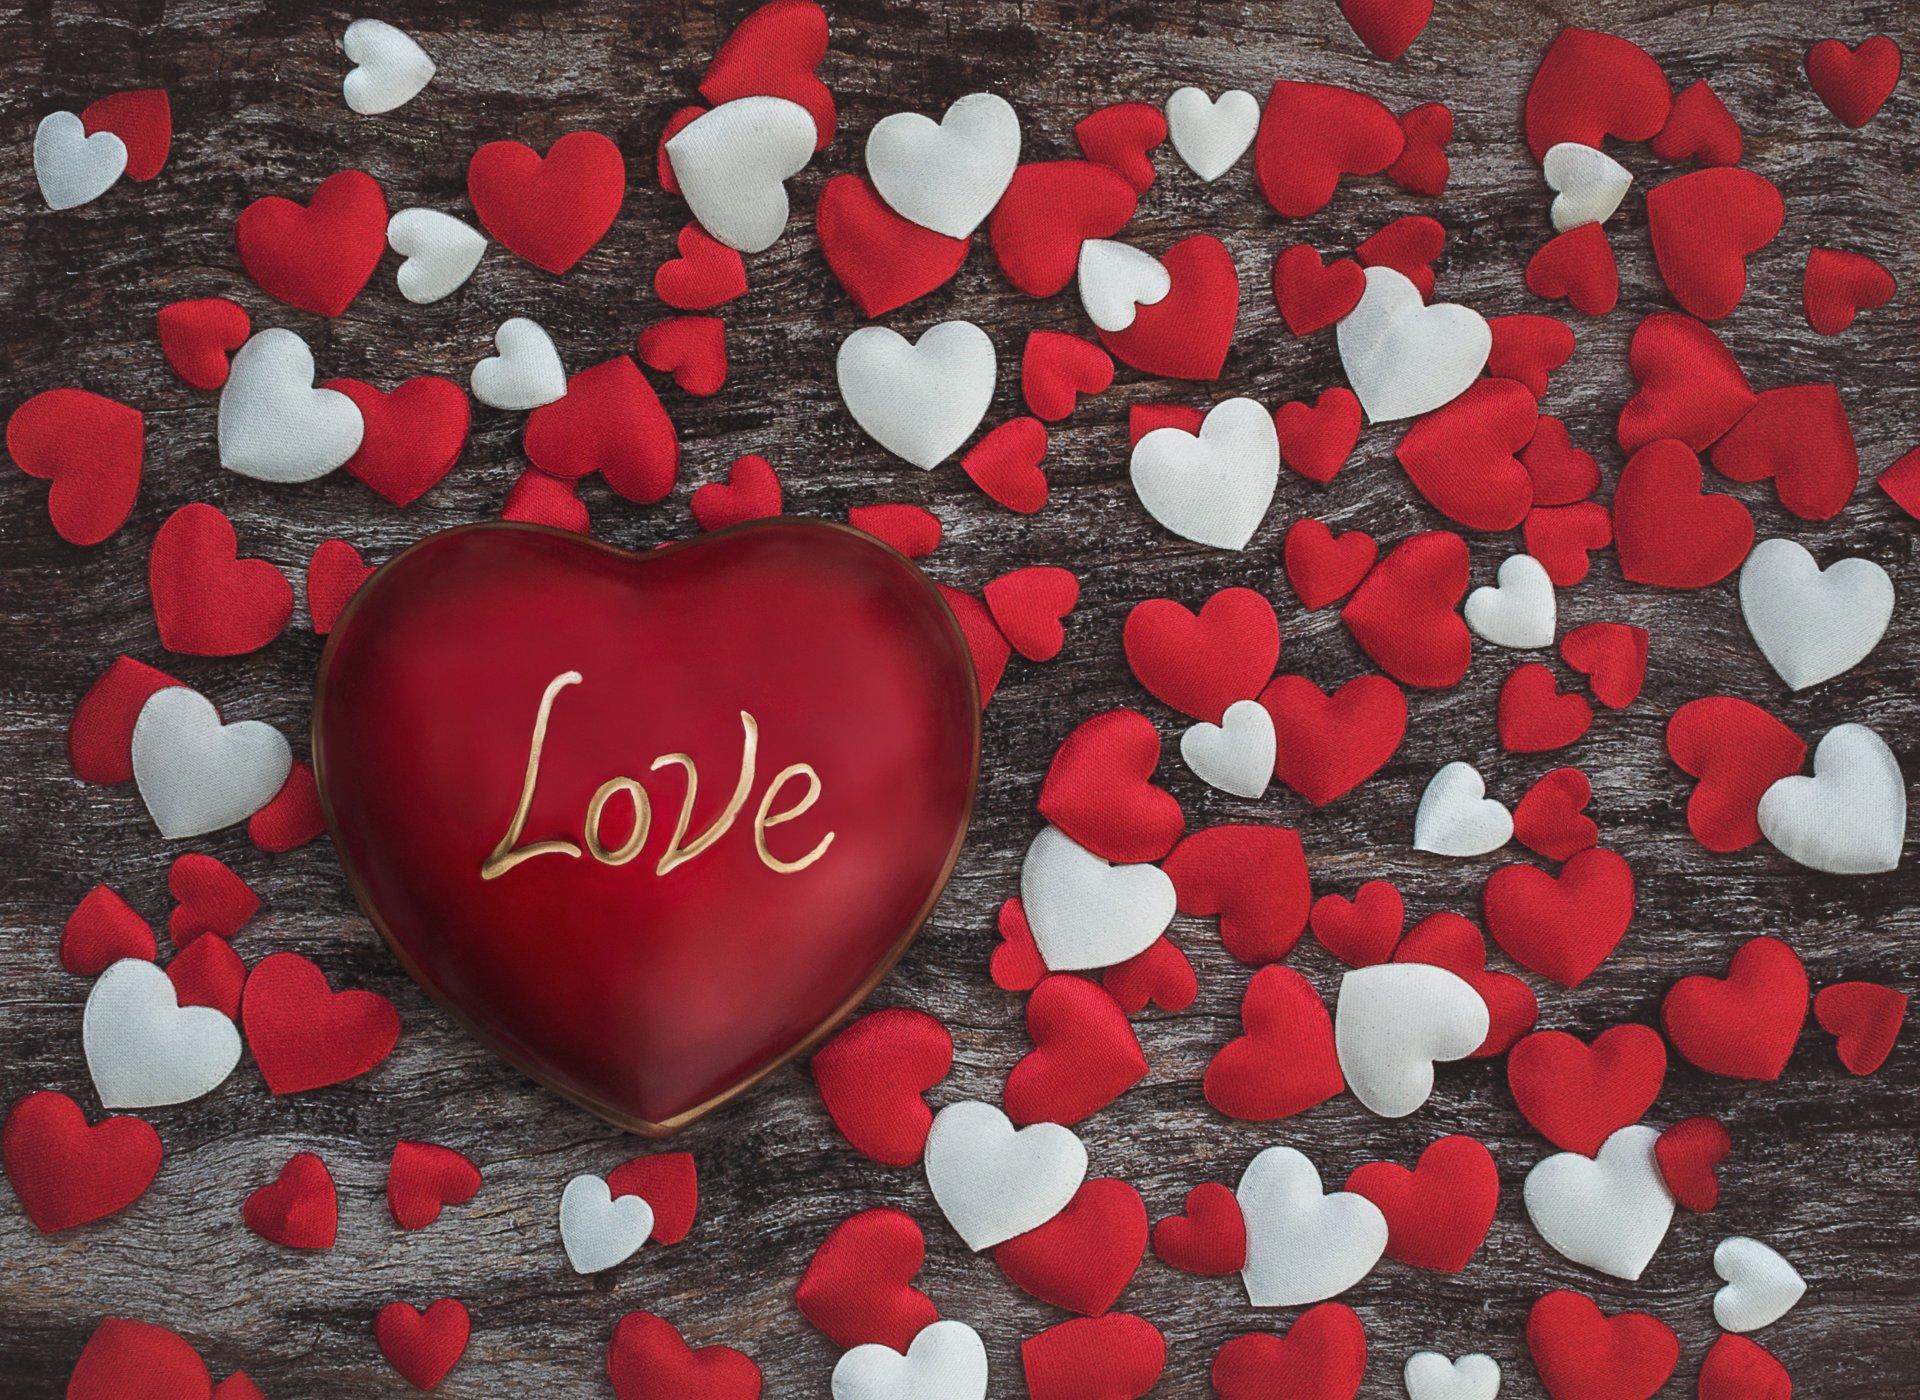 показан пример картинки красивых сердец для любимого должен внимательно относиться